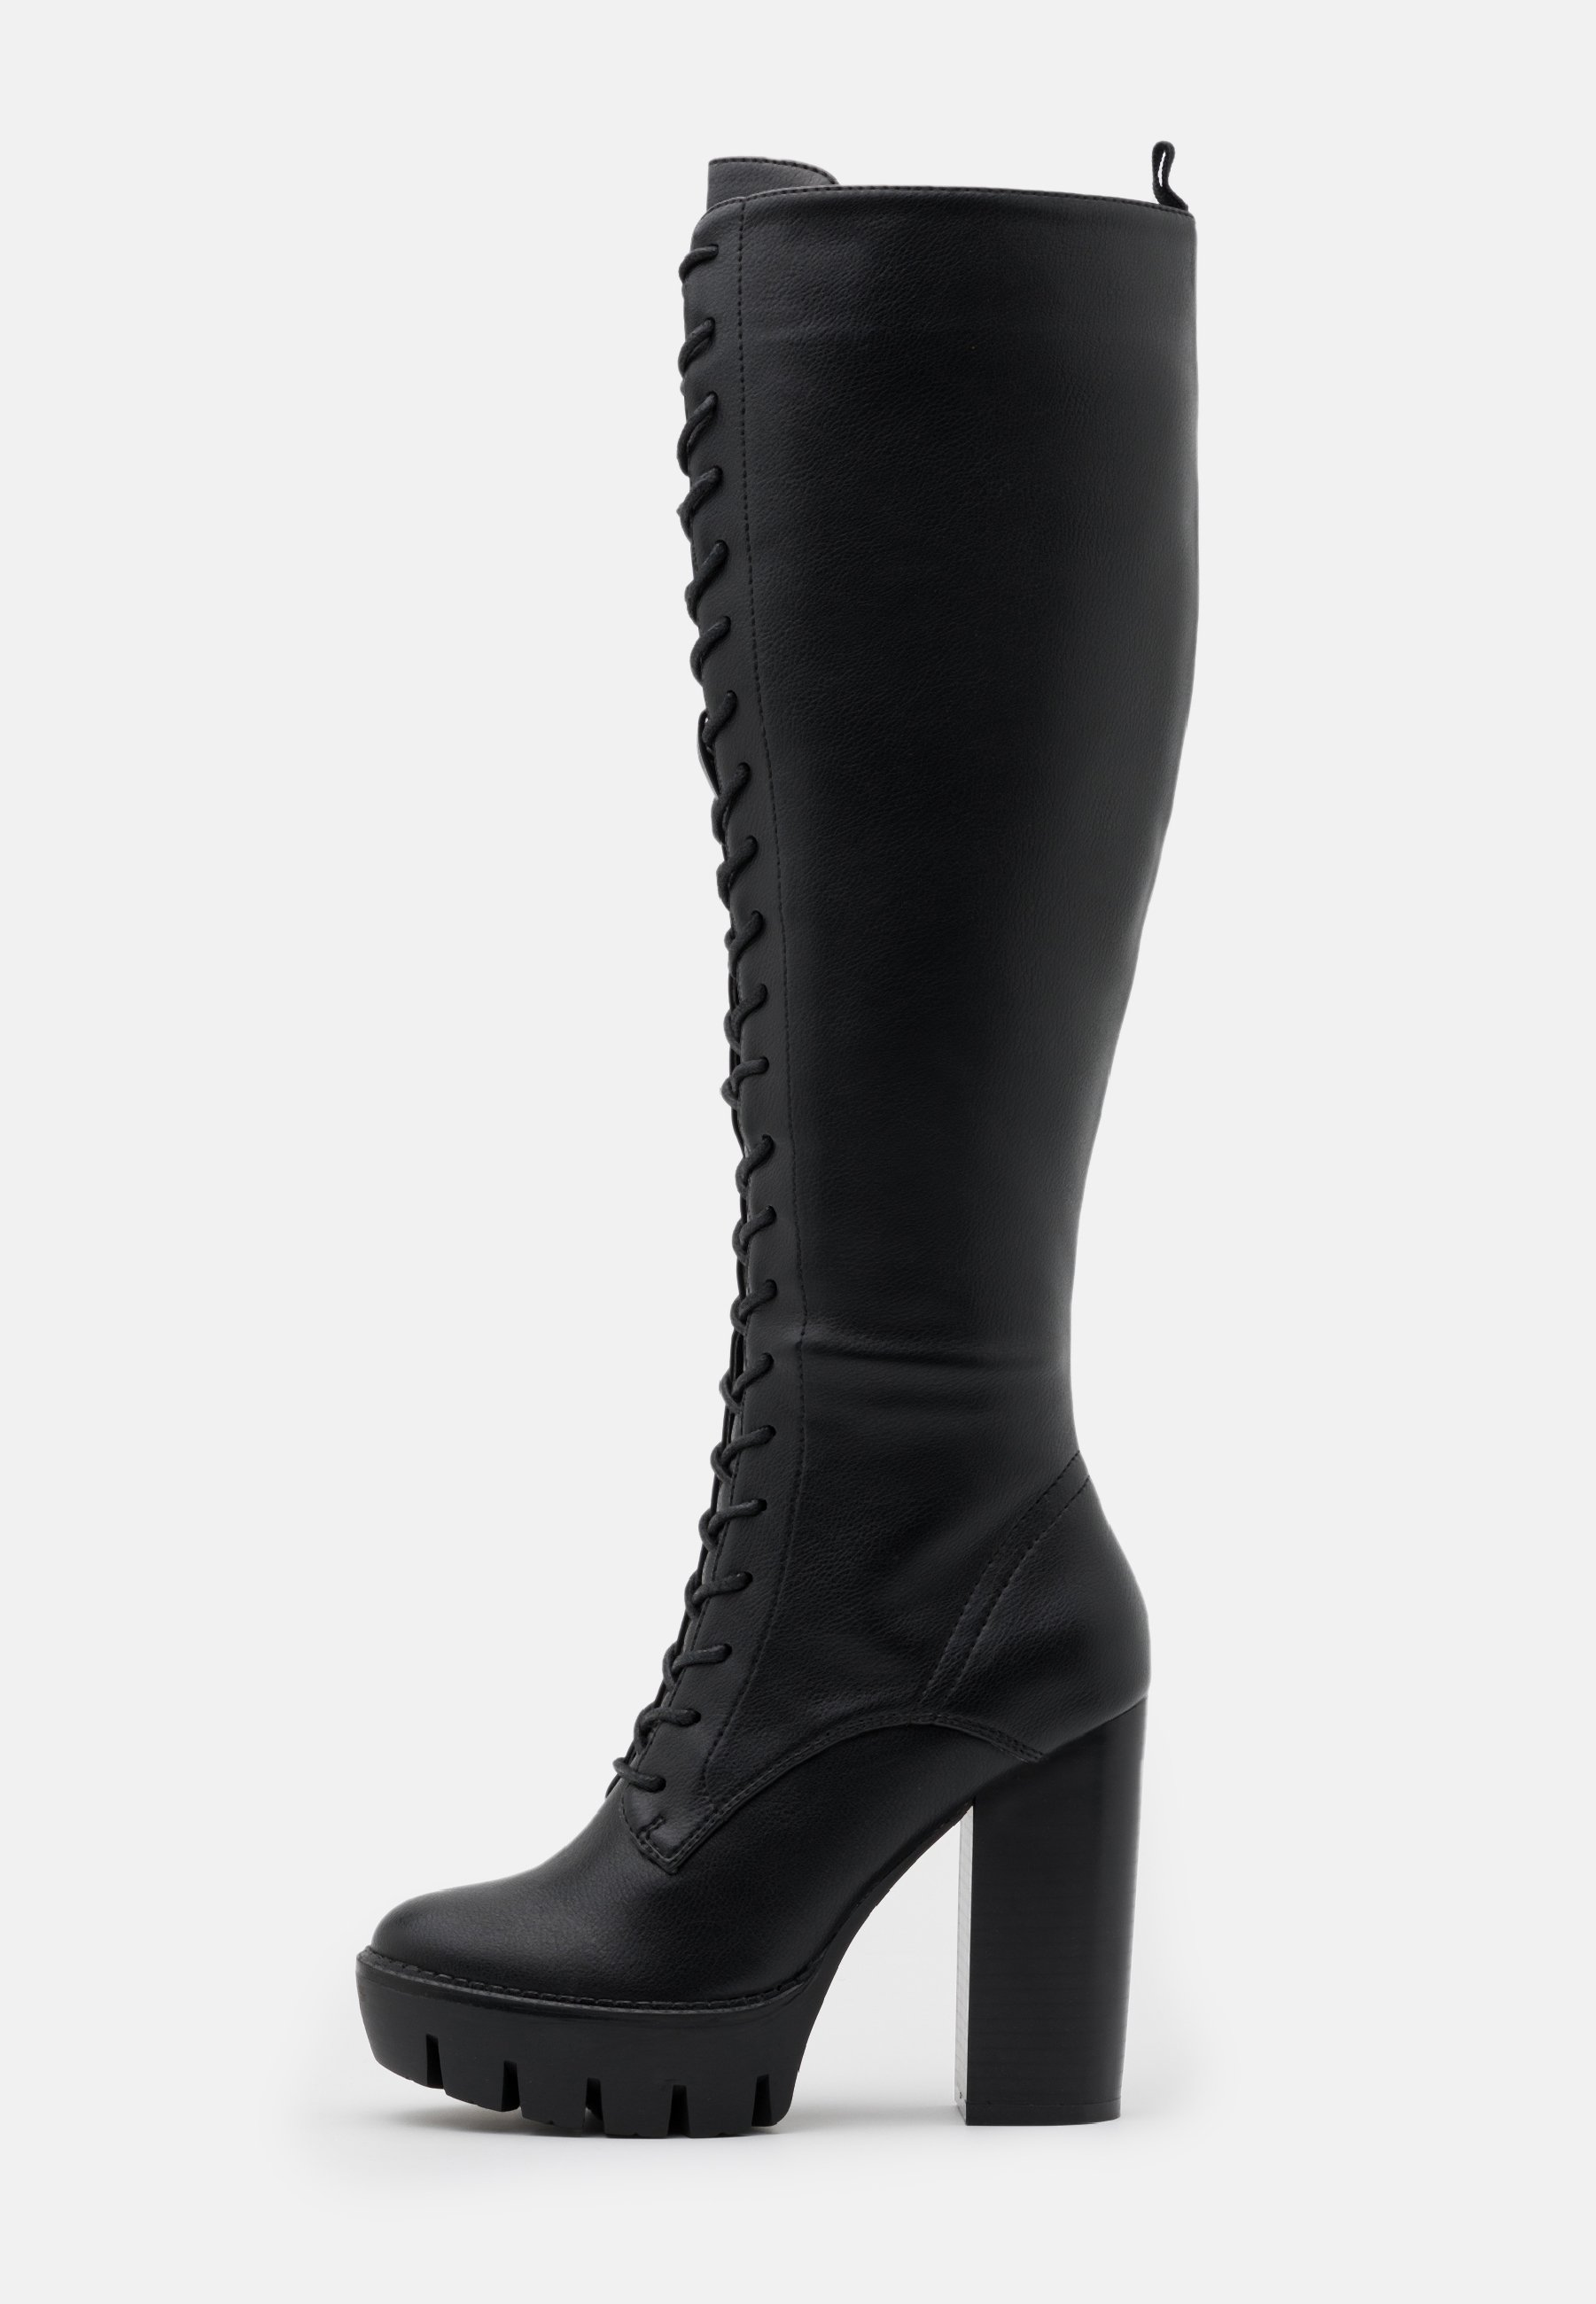 High heels stövlar   Köp högklackade stövlar online på Zalando